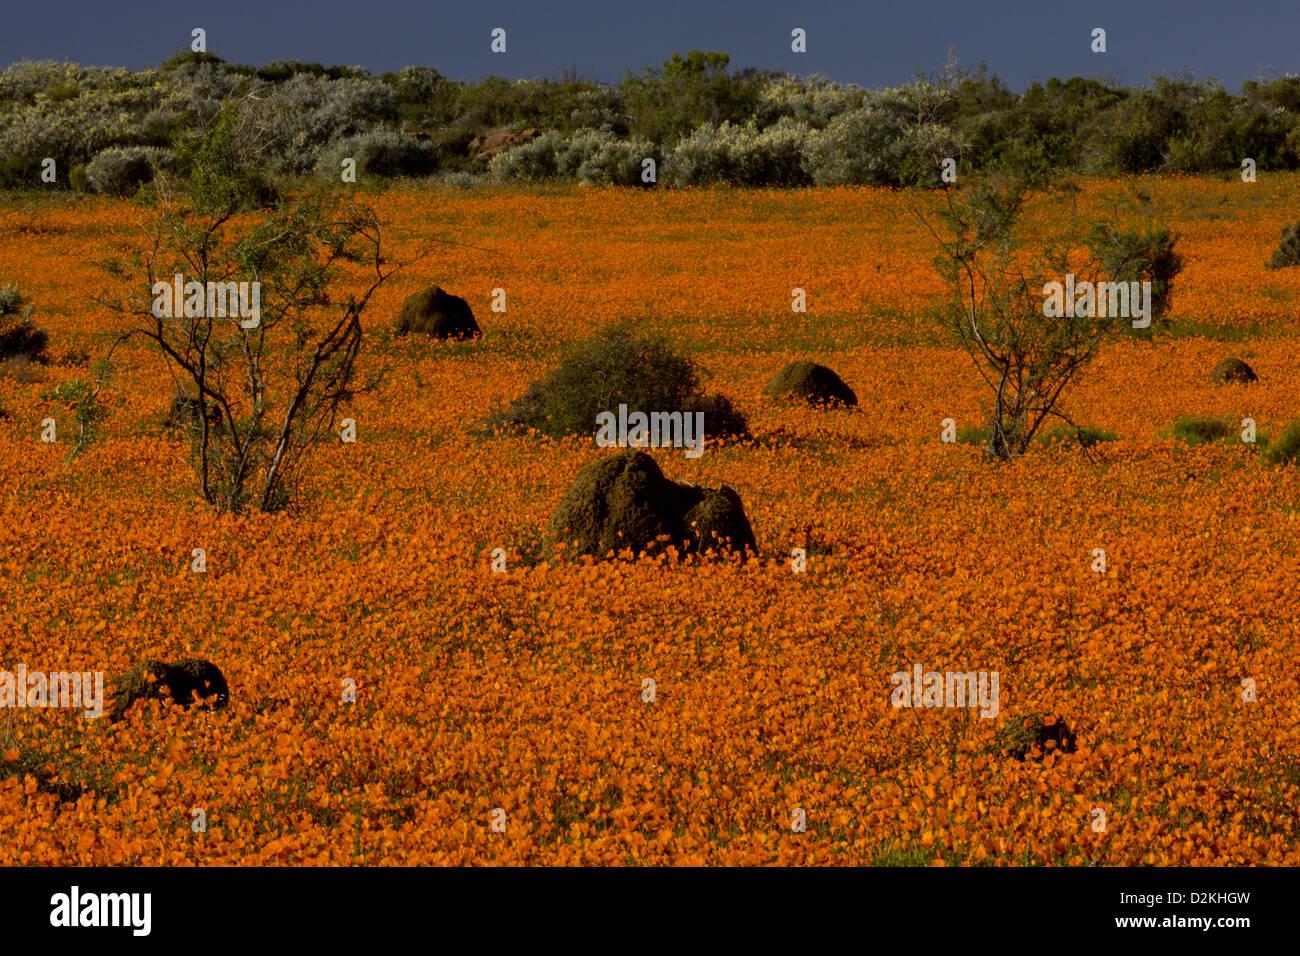 Termite mounds among Orange Daisies (Ursinia cakilefolia) Skilpad Reserve, Namaqua National Park, Namaqua Desert, - Stock Image